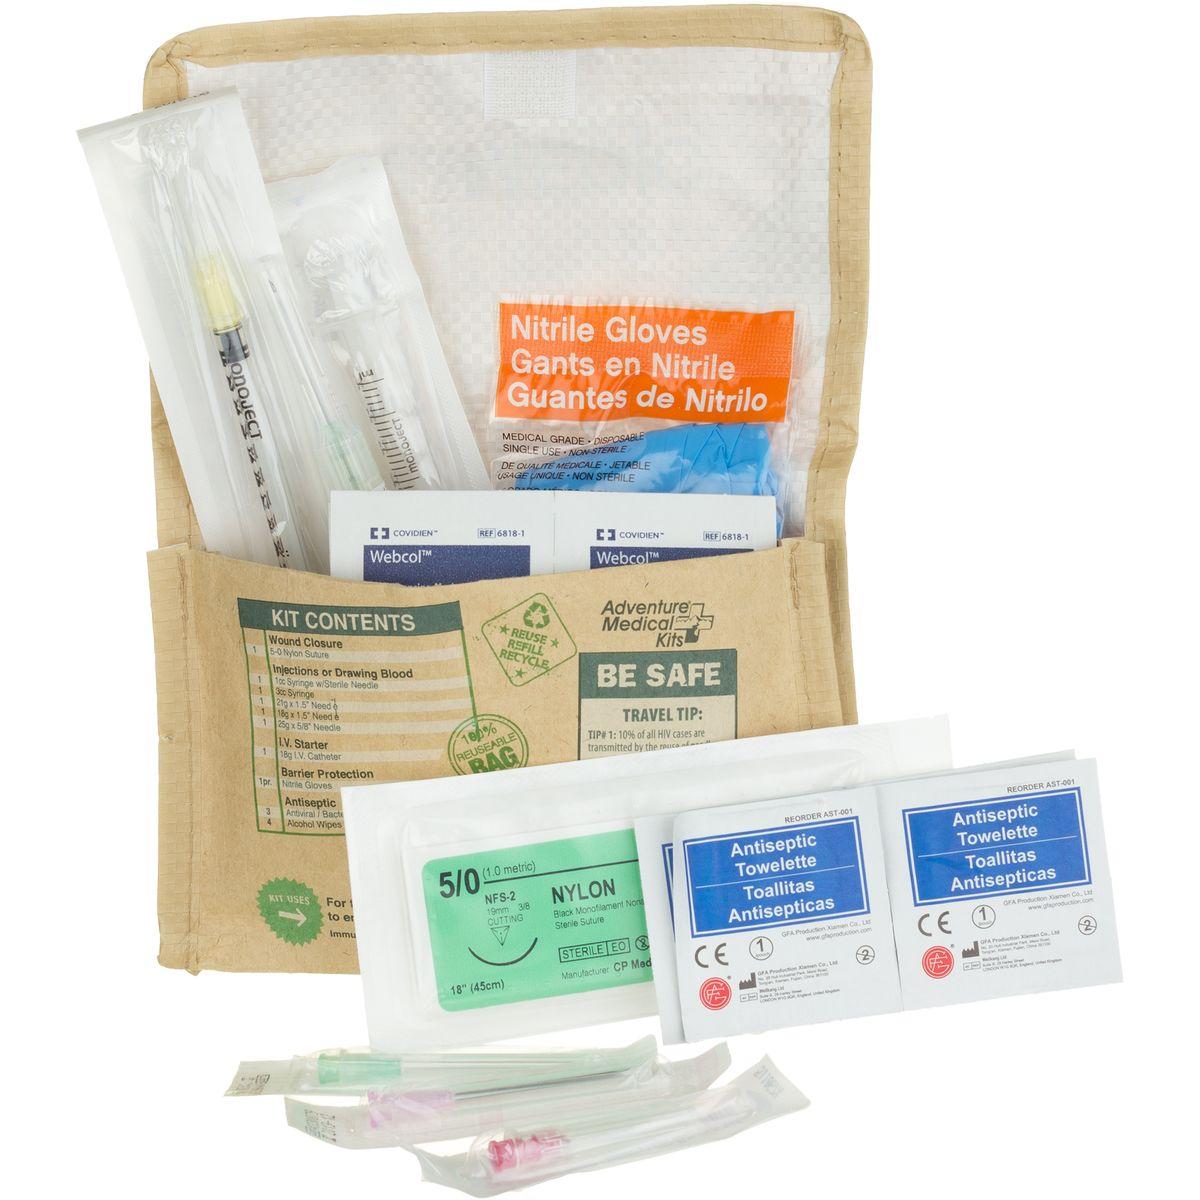 Adventure Medical Kits Suture/Syringe Medic Kit